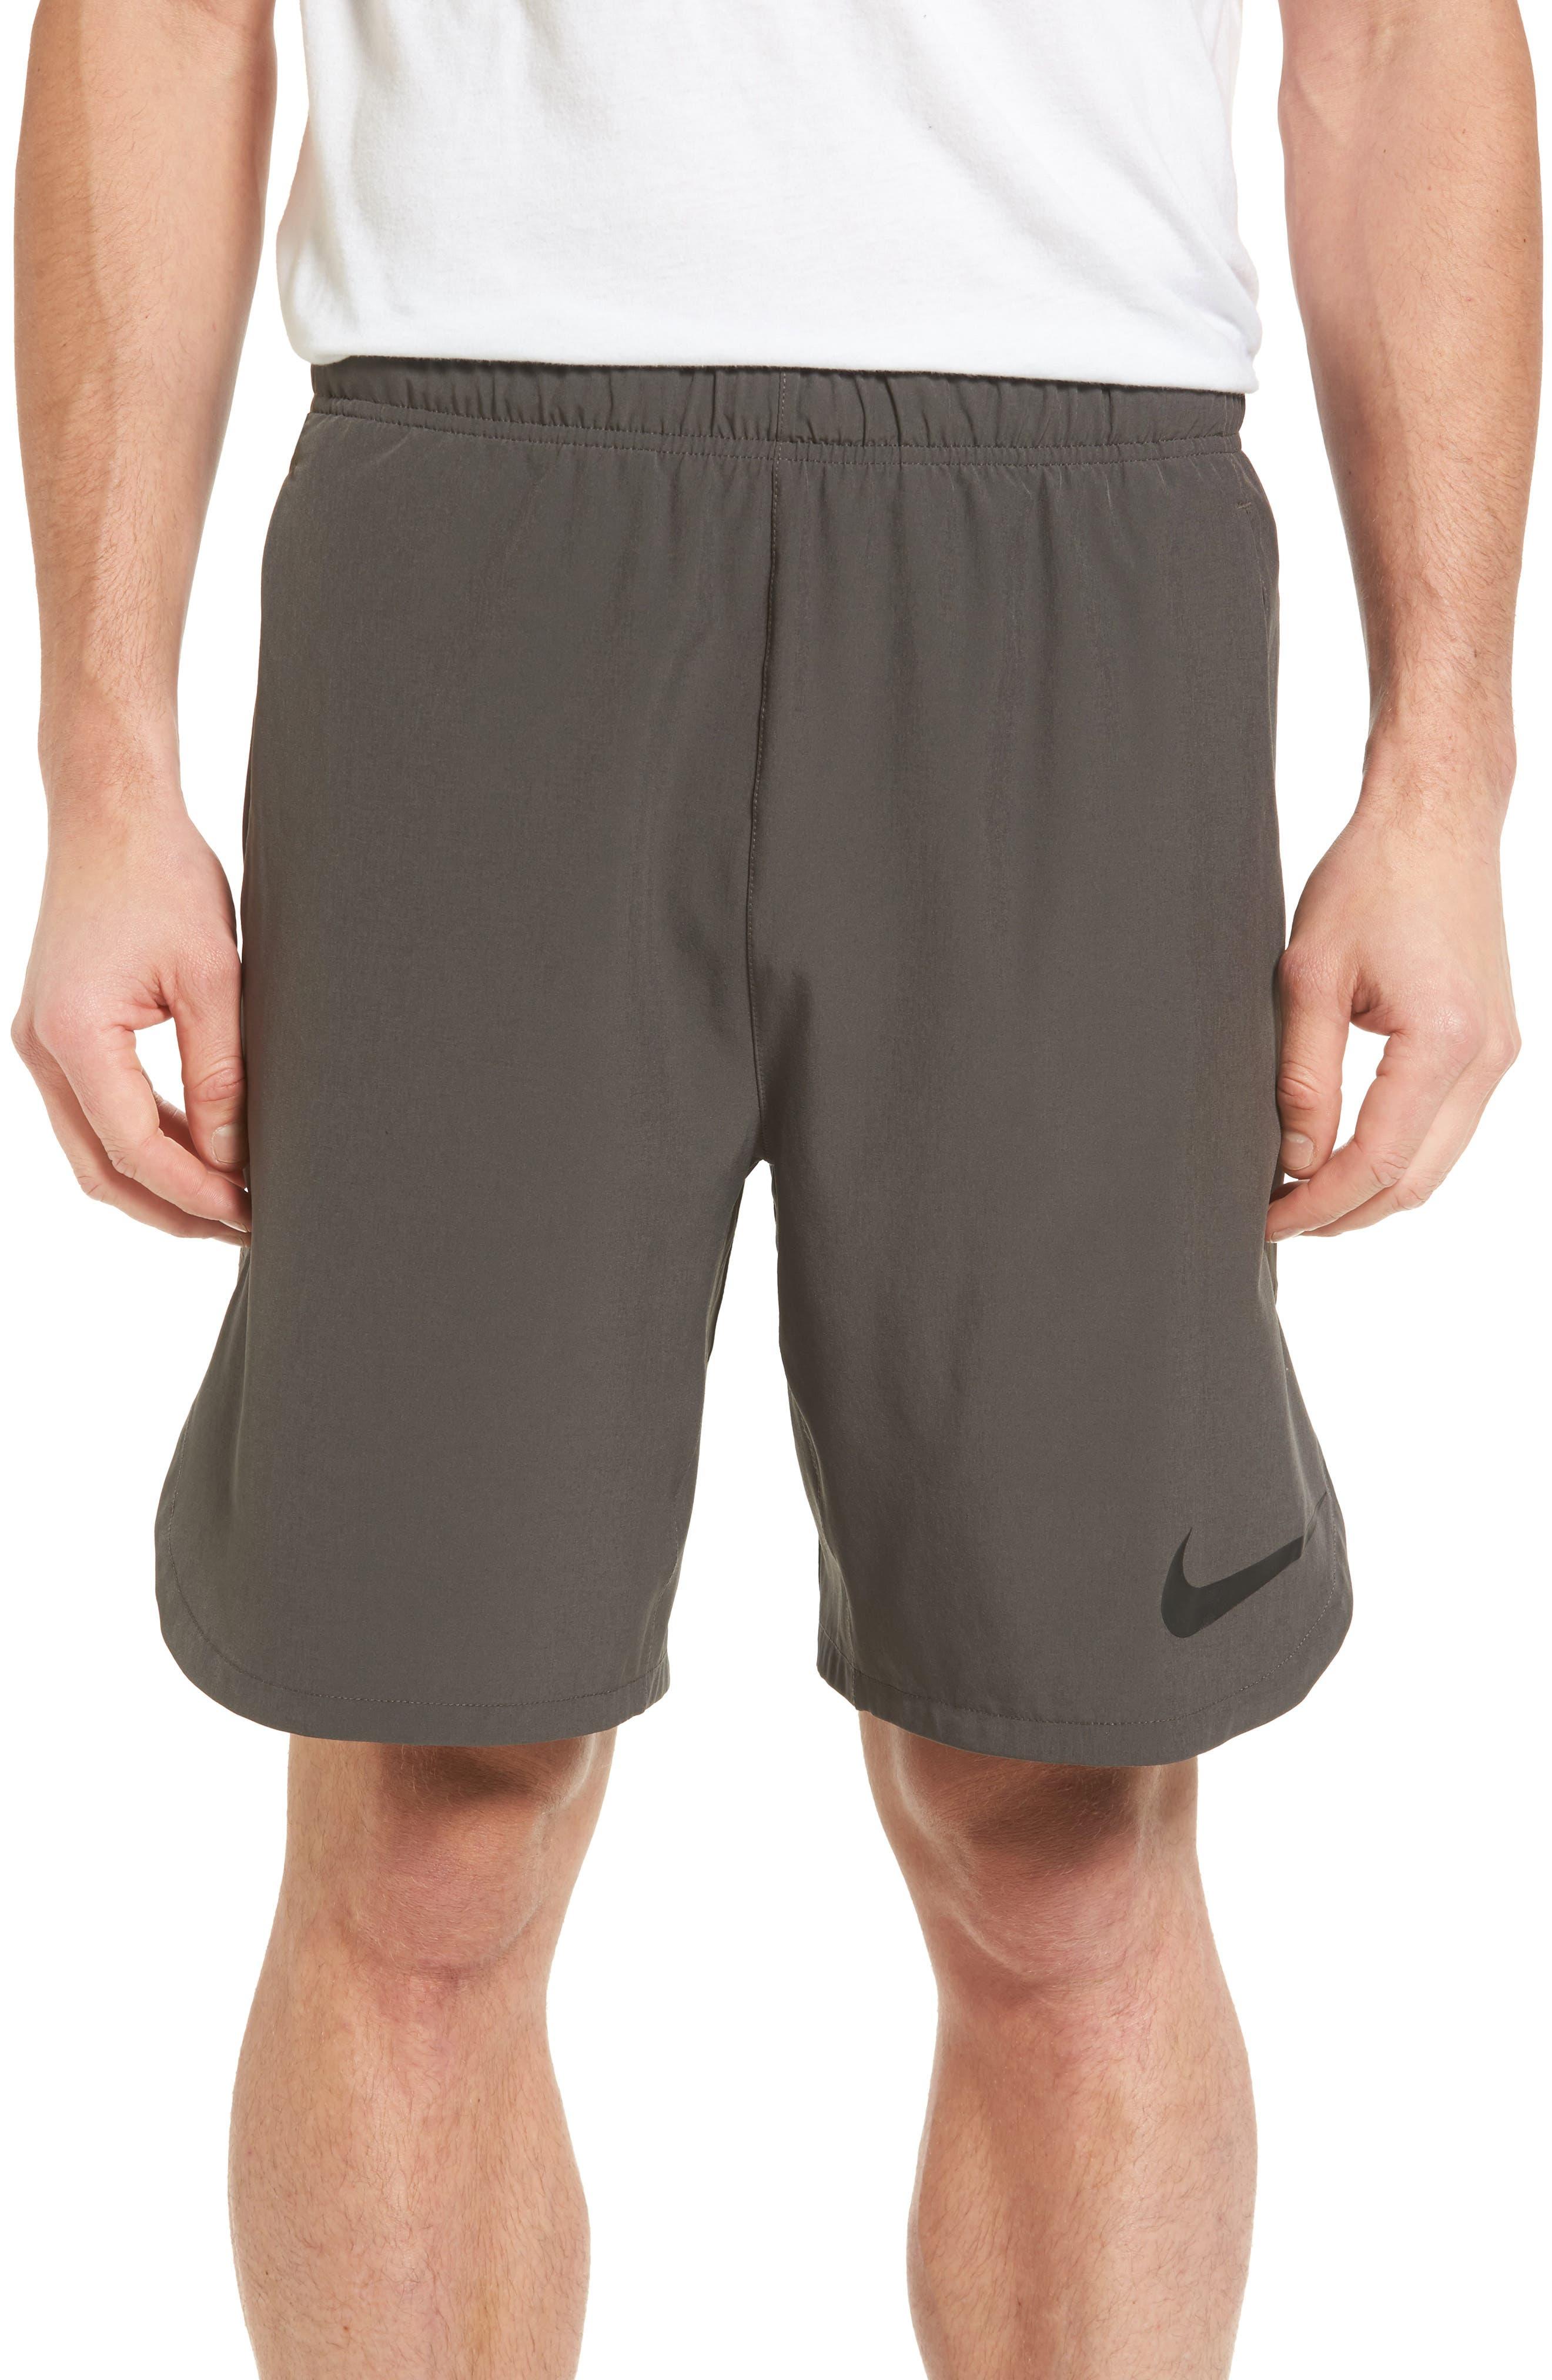 Alternate Image 1 Selected - Nike Flex Training Shorts